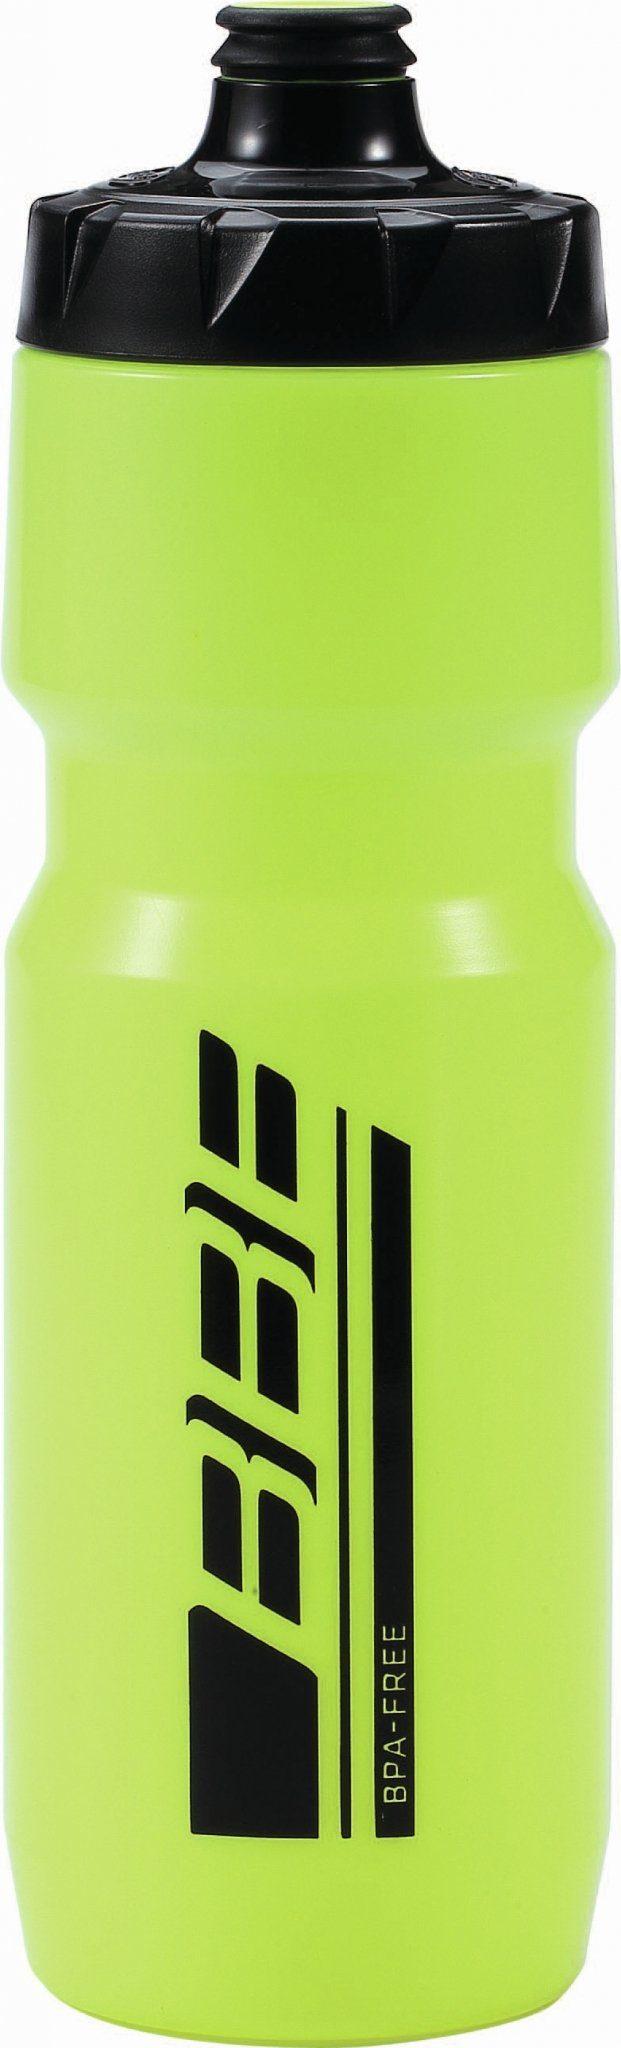 BBB Trinkflasche »BBB AutoTank XL BWB-15 Trinkflasche 750ml«